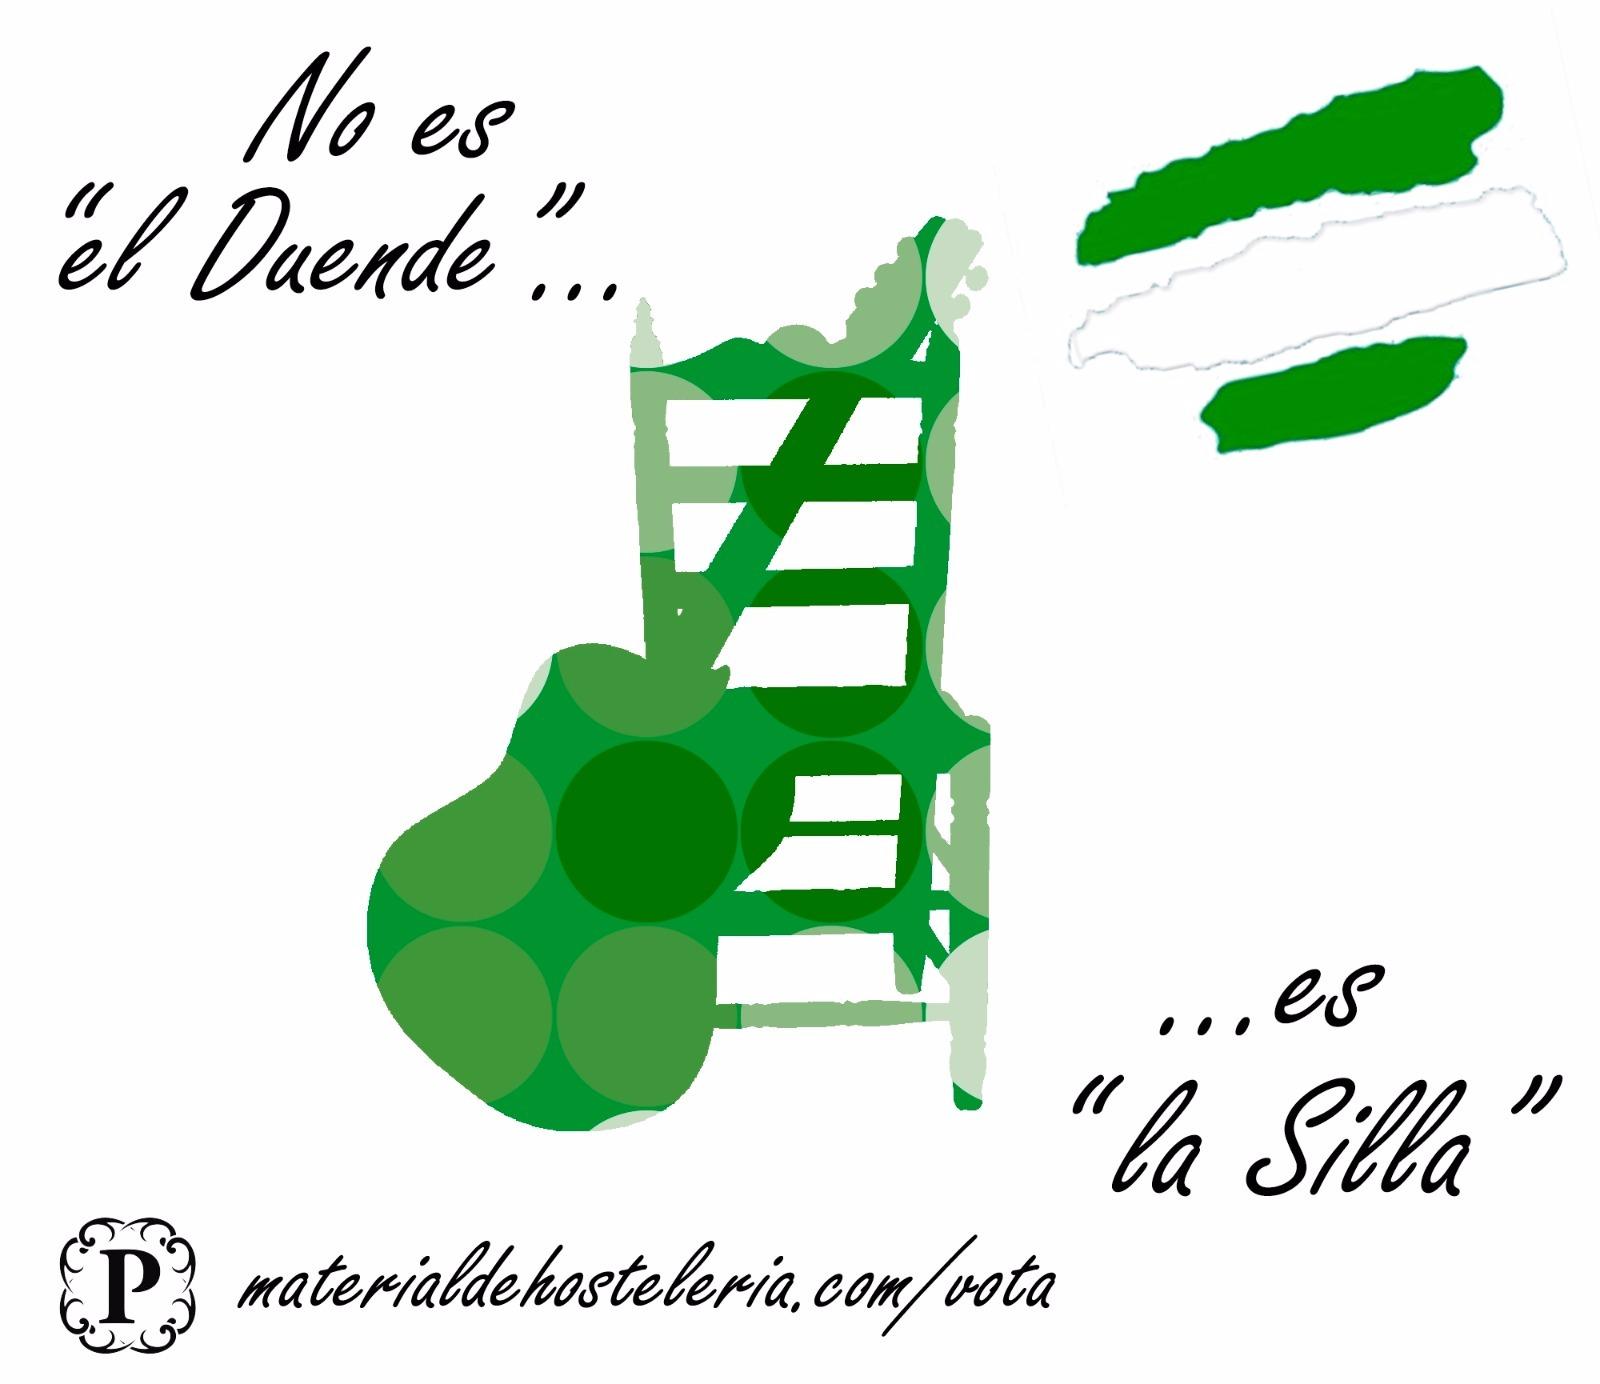 Vota Producto Andaluz - Silla Sevillana Plegable